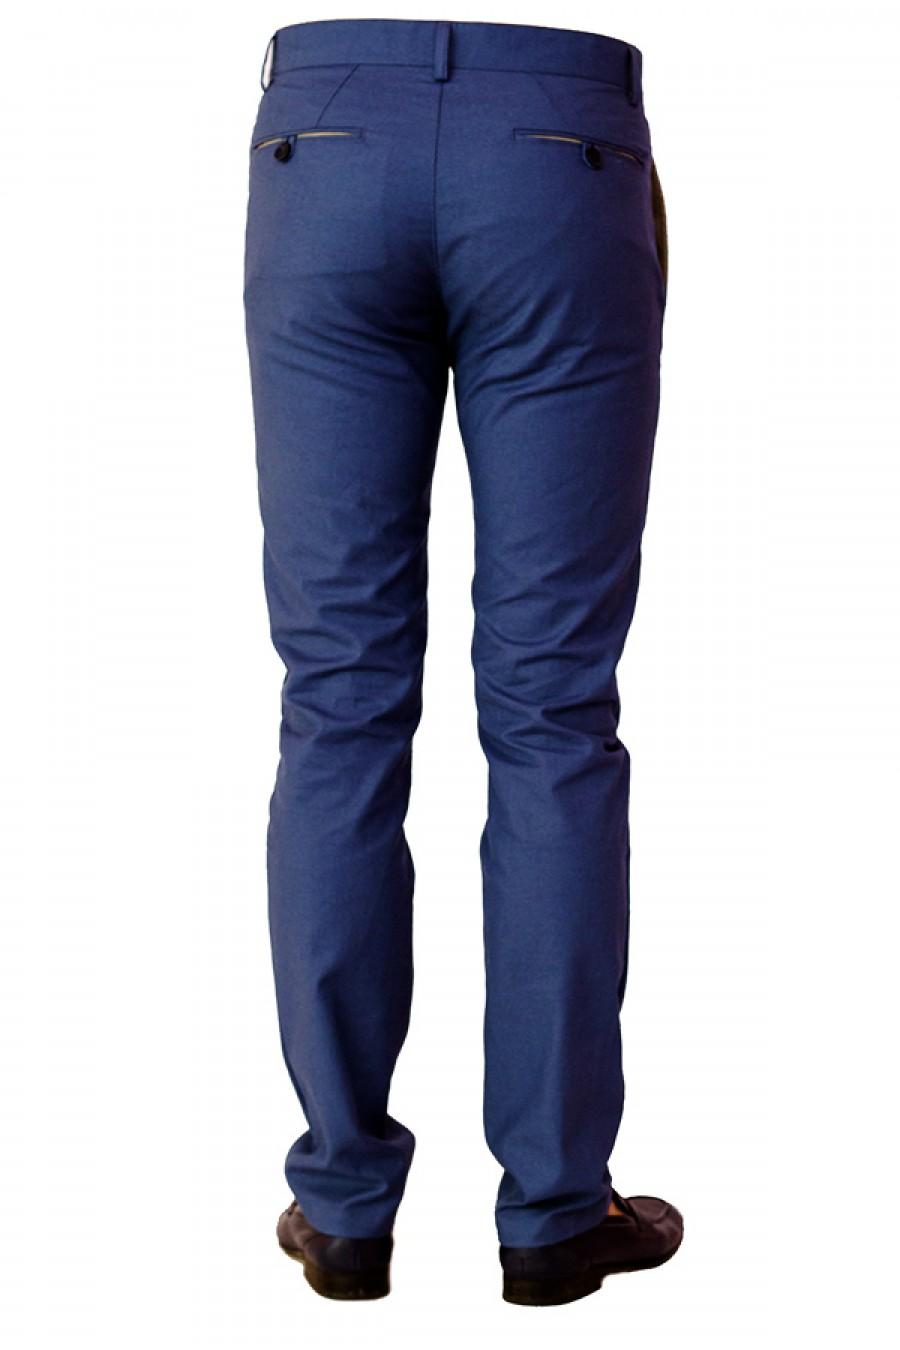 Синие мужские брюки Н-0011-1